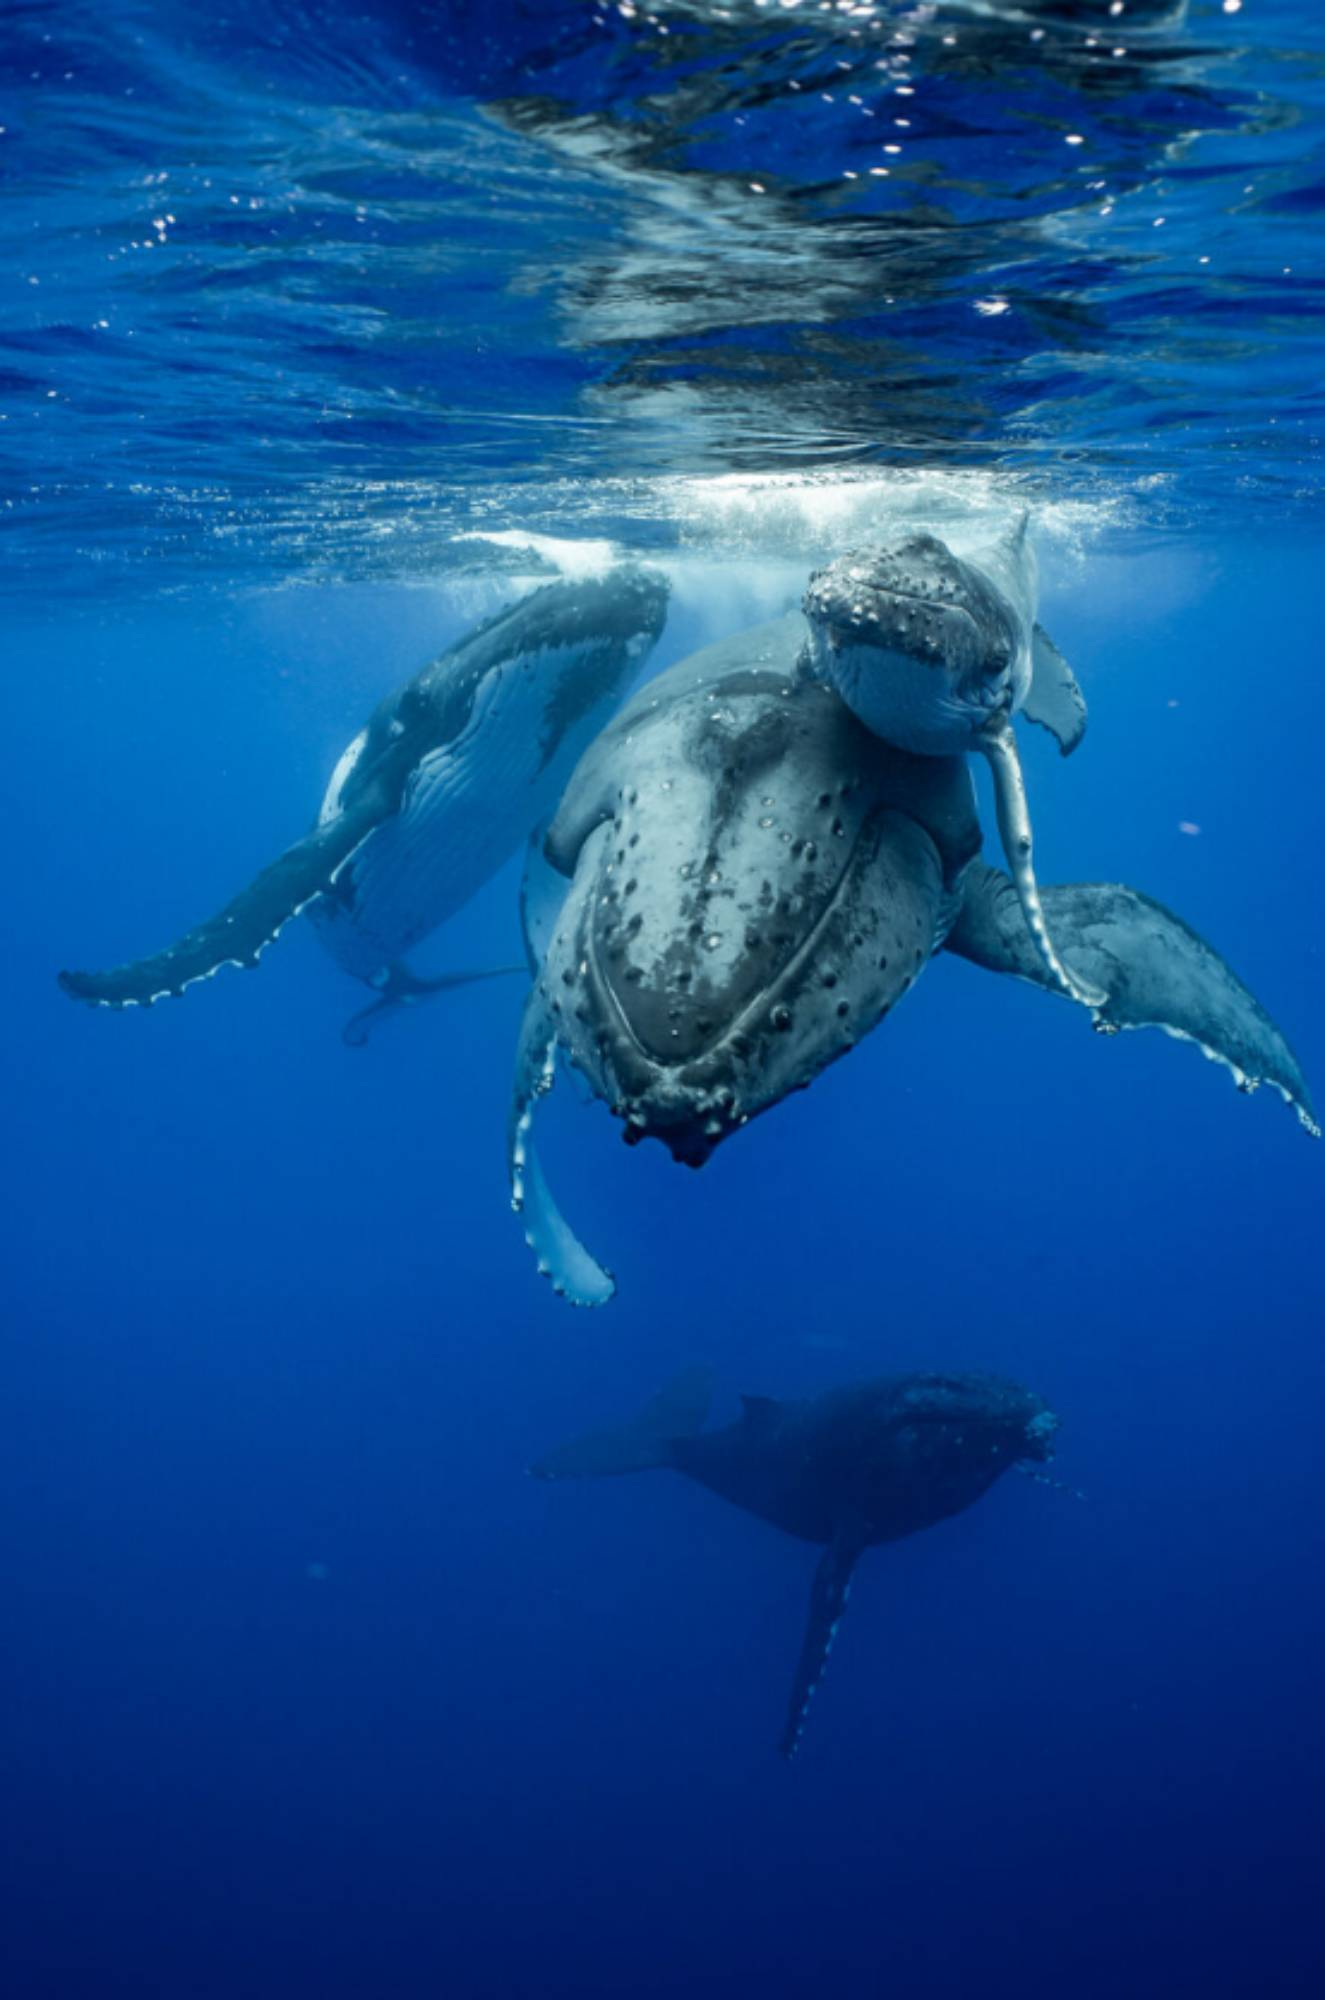 Baleine à bosse femelle repousse les avances du mâle